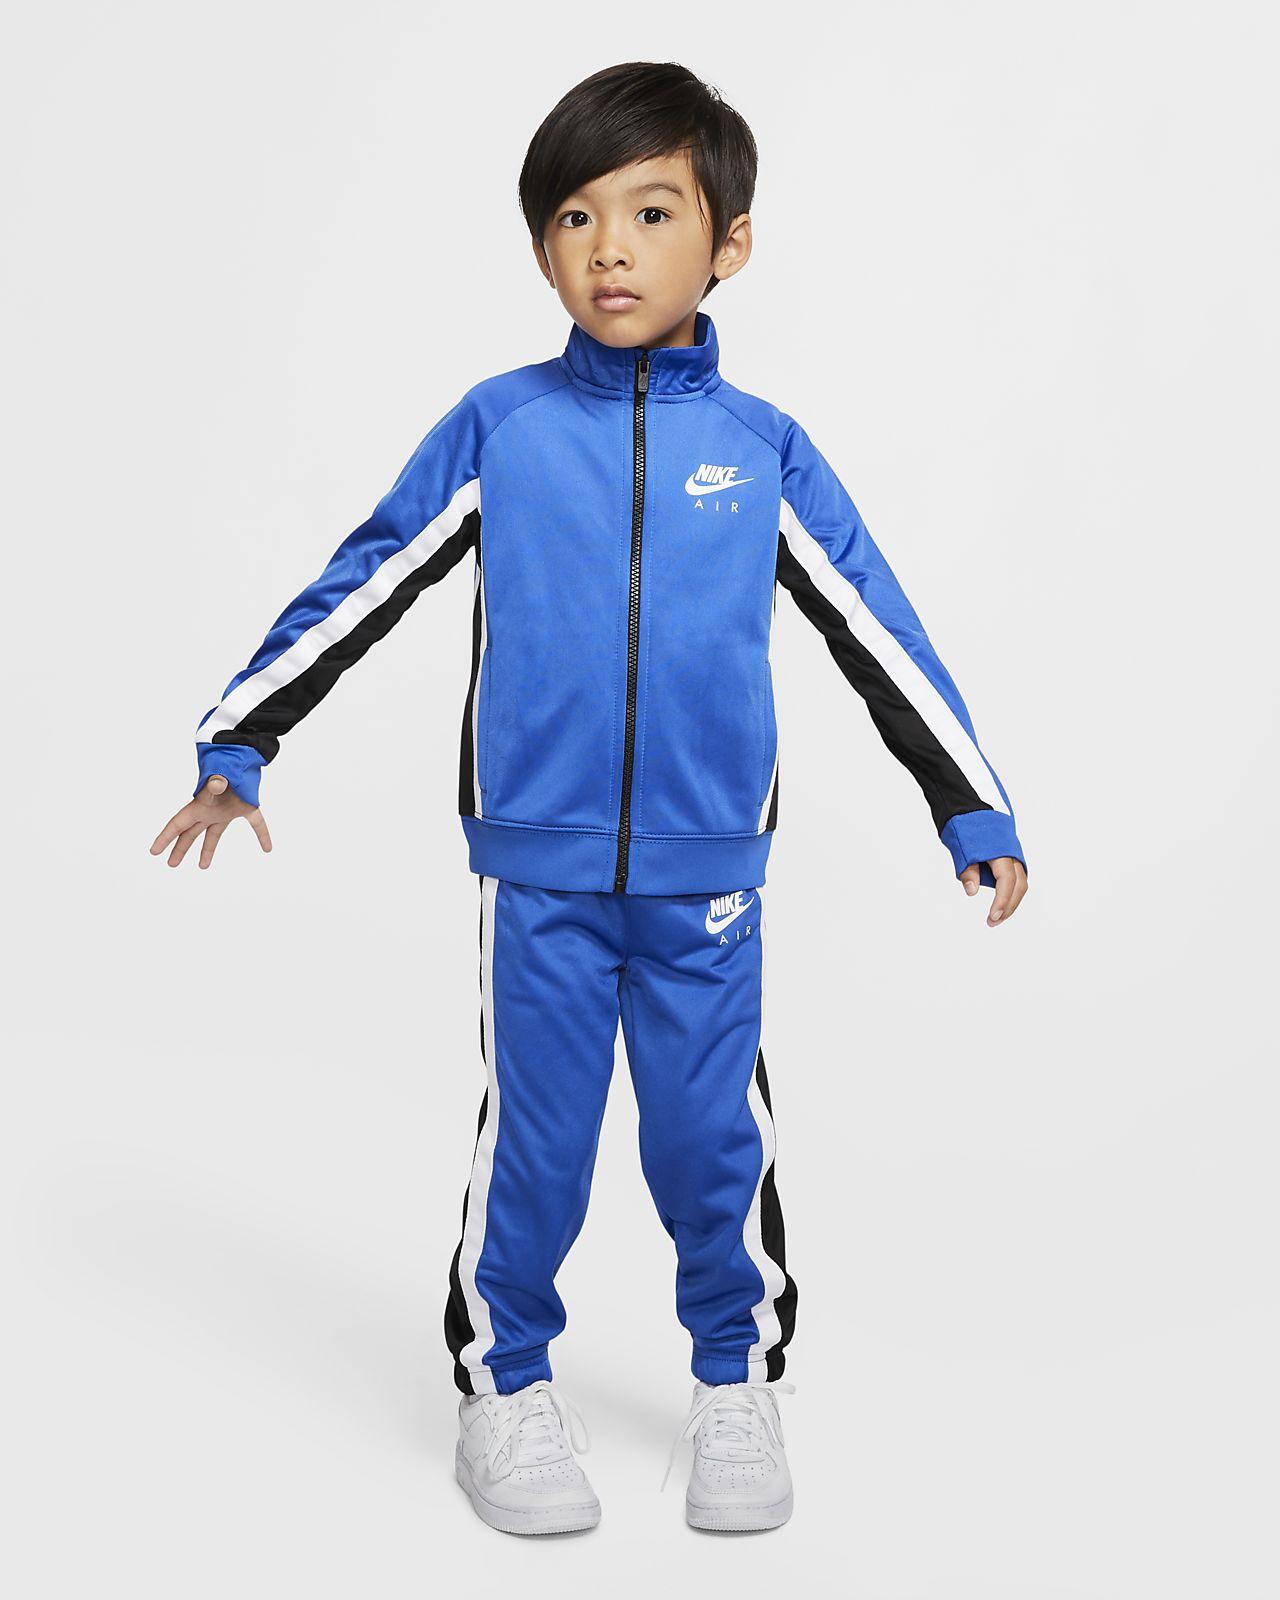 Survêtement Nike Air pour Petit enfant